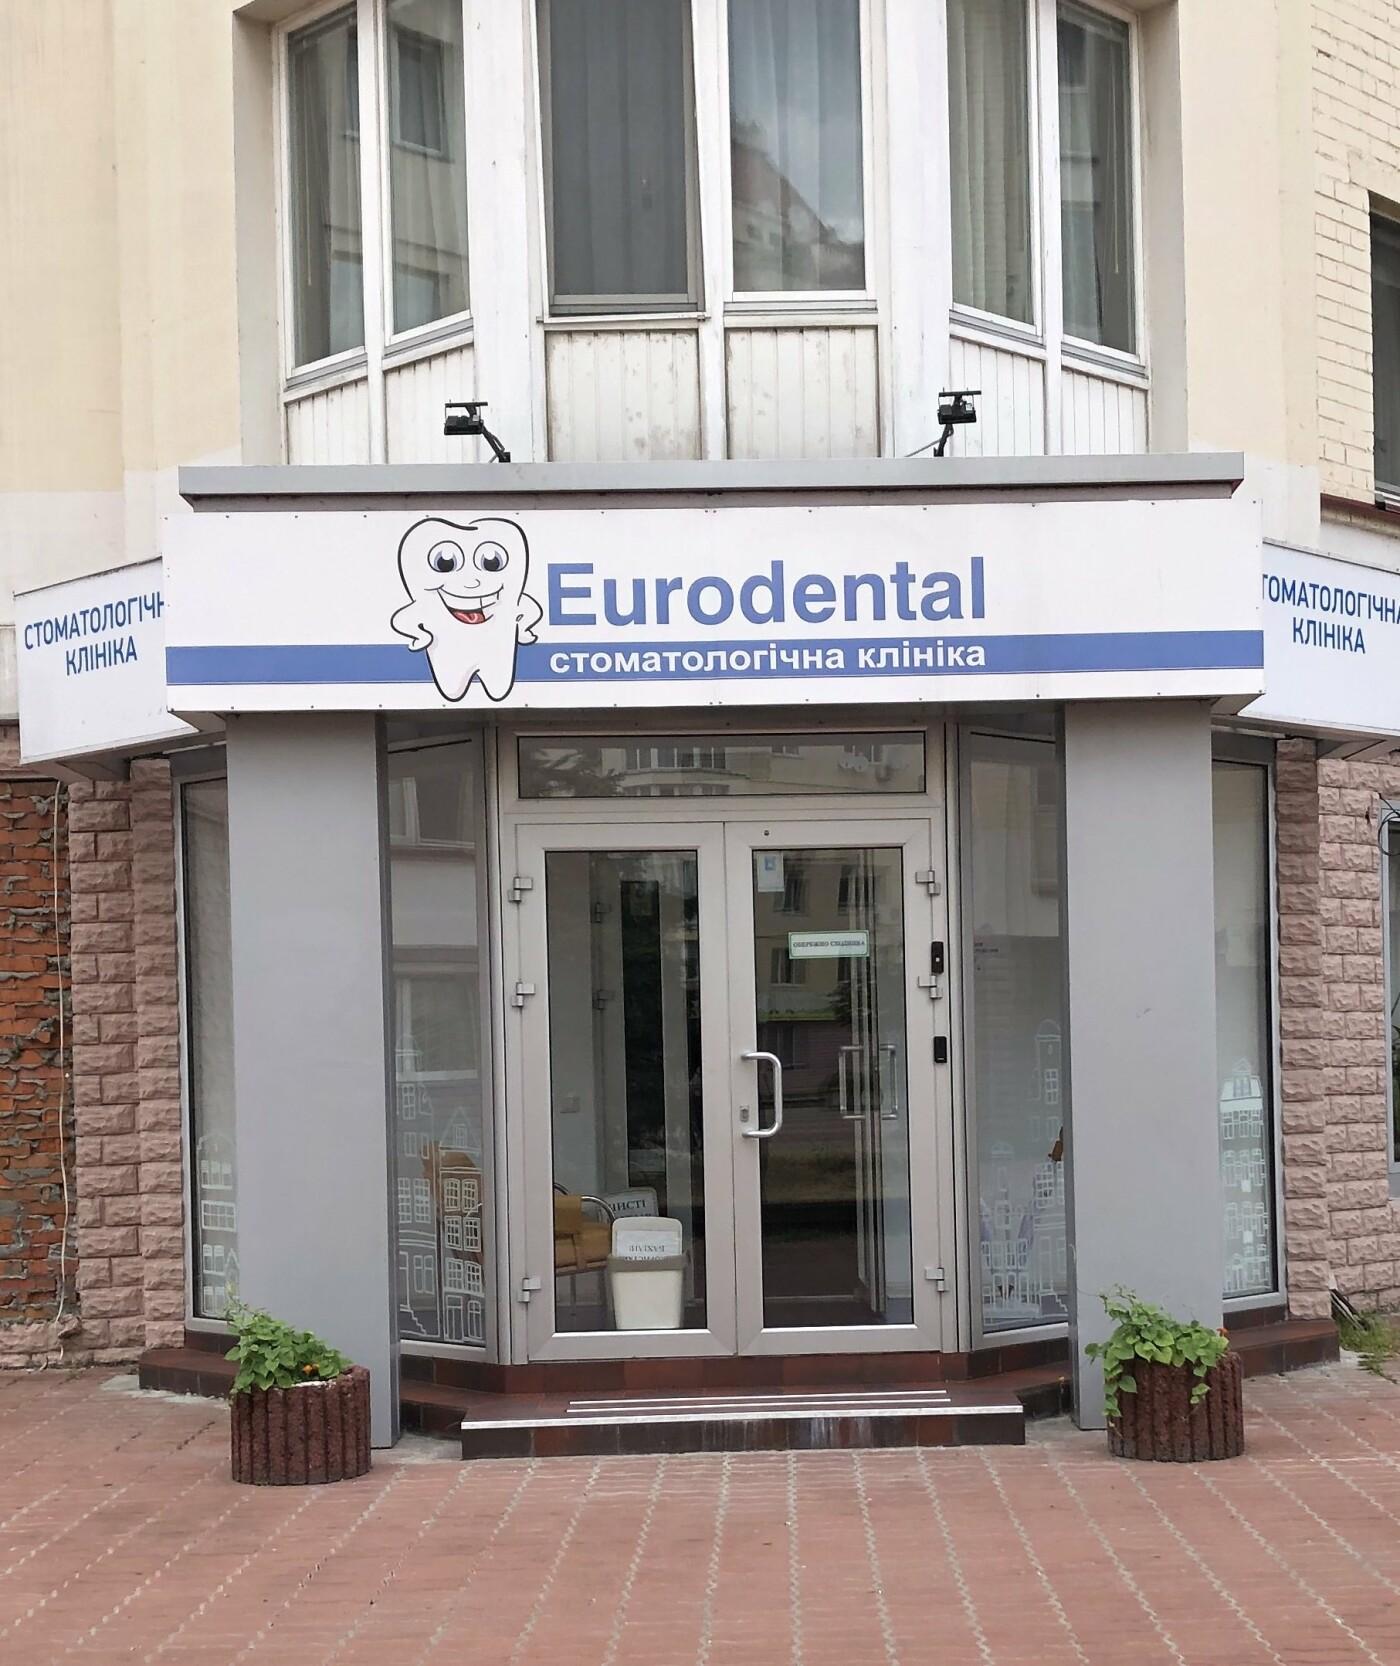 Лучшие стоматологические клиники Киева, безболезненное лечение зубов в столице, фото-9